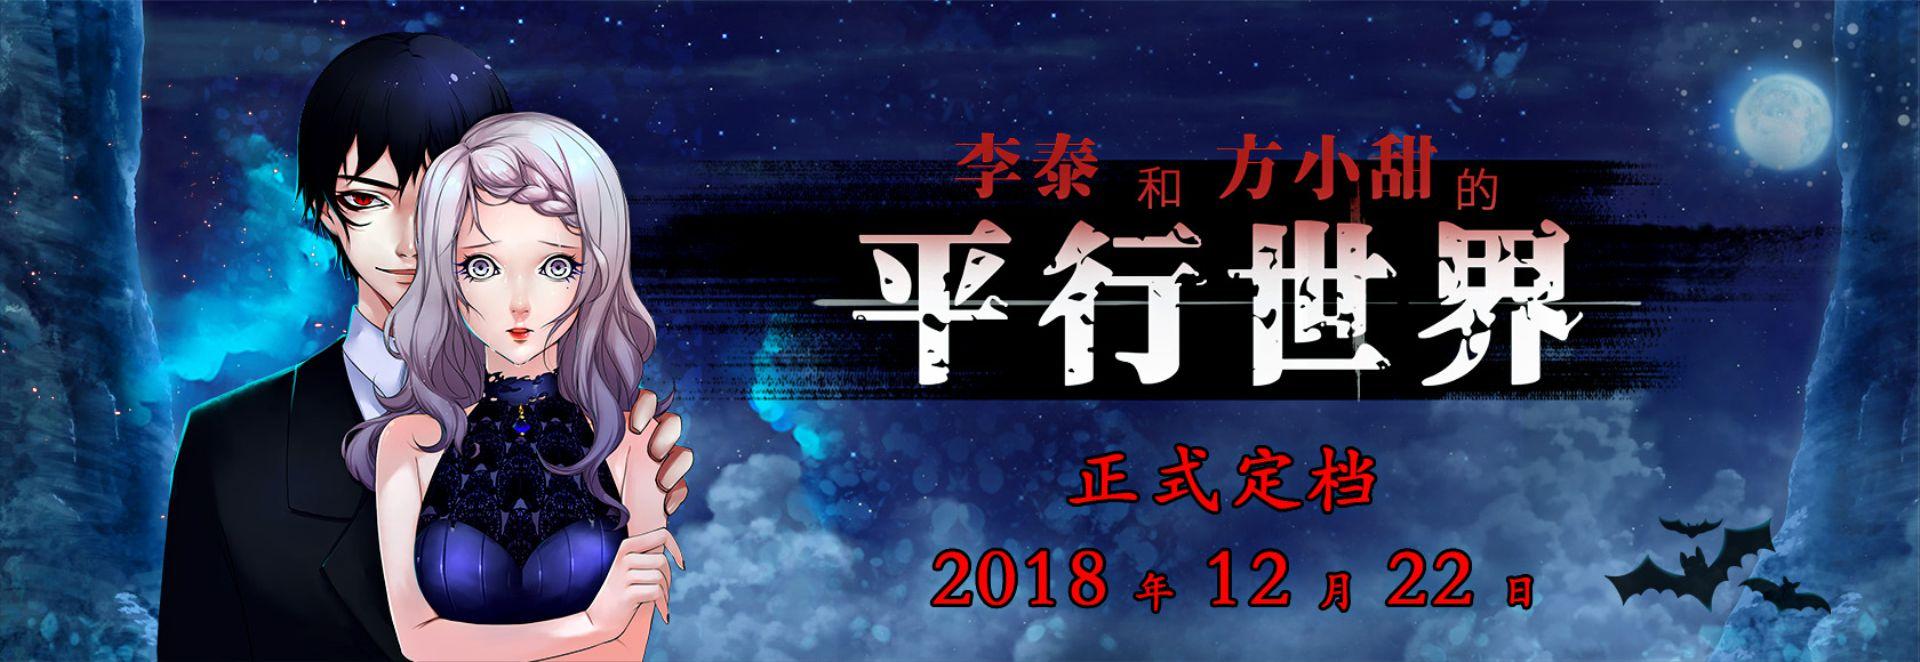 动态漫画(动漫)《李泰和方小甜的平行世界》正式定档12月22日